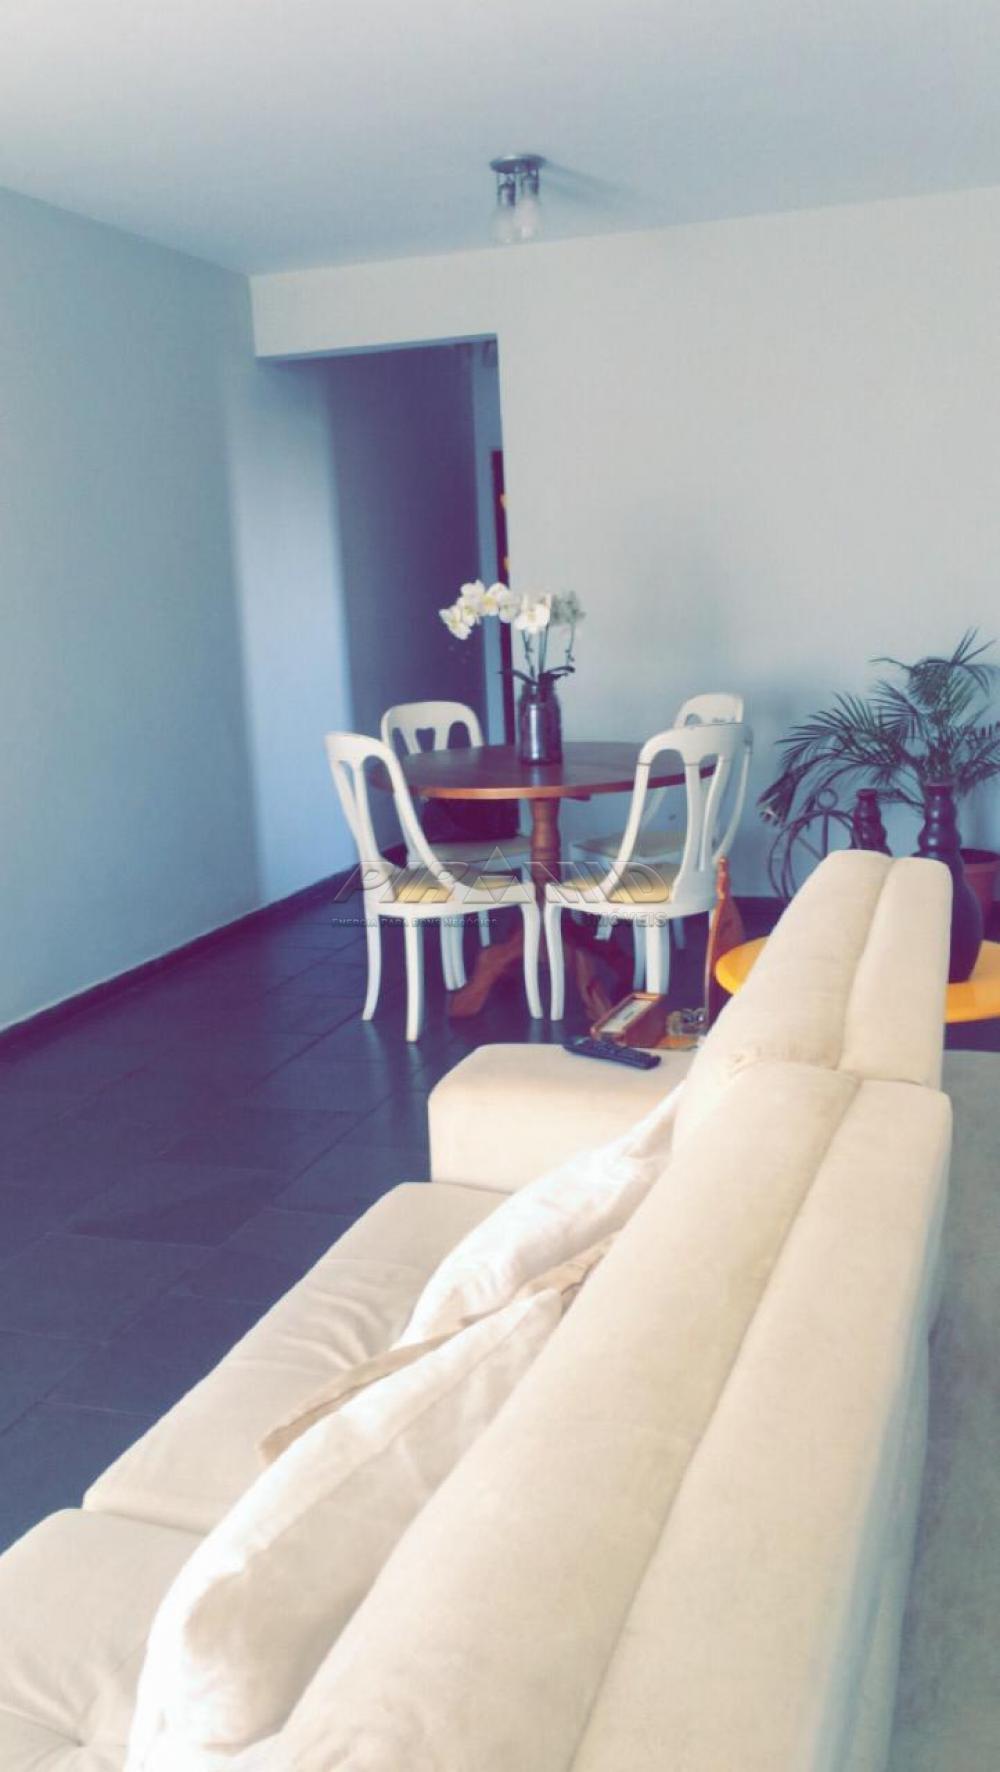 Comprar Apartamento / Padrão em Ribeirão Preto apenas R$ 290.000,00 - Foto 2